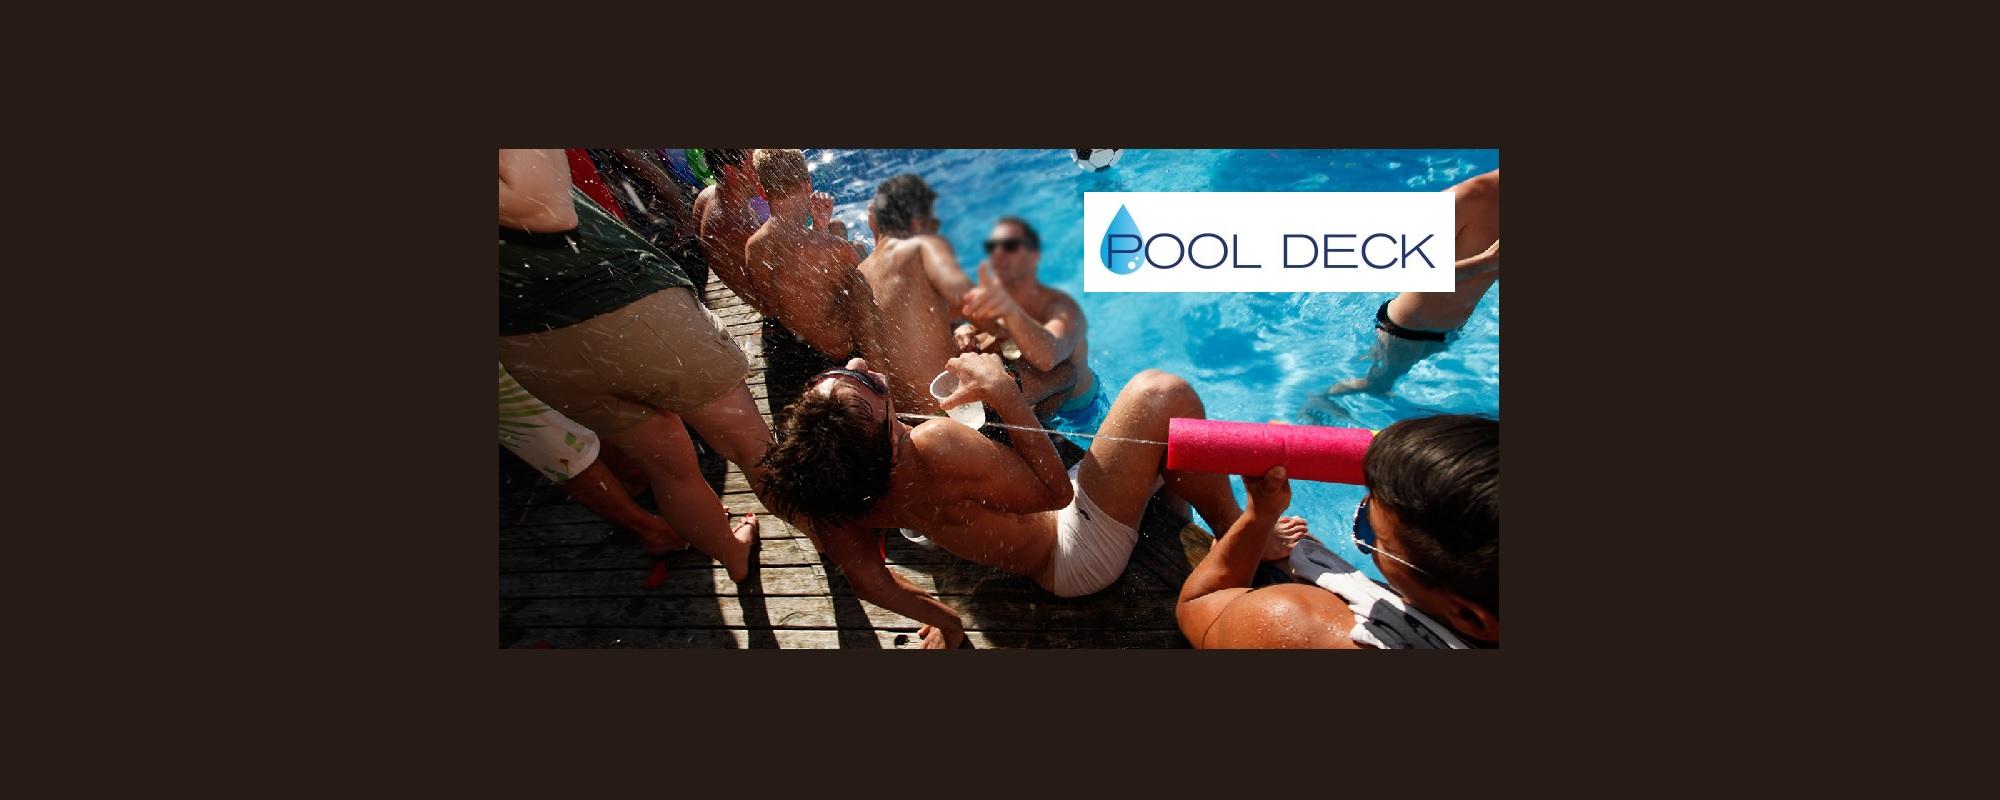 PoolDeck-HomePageBannerMain